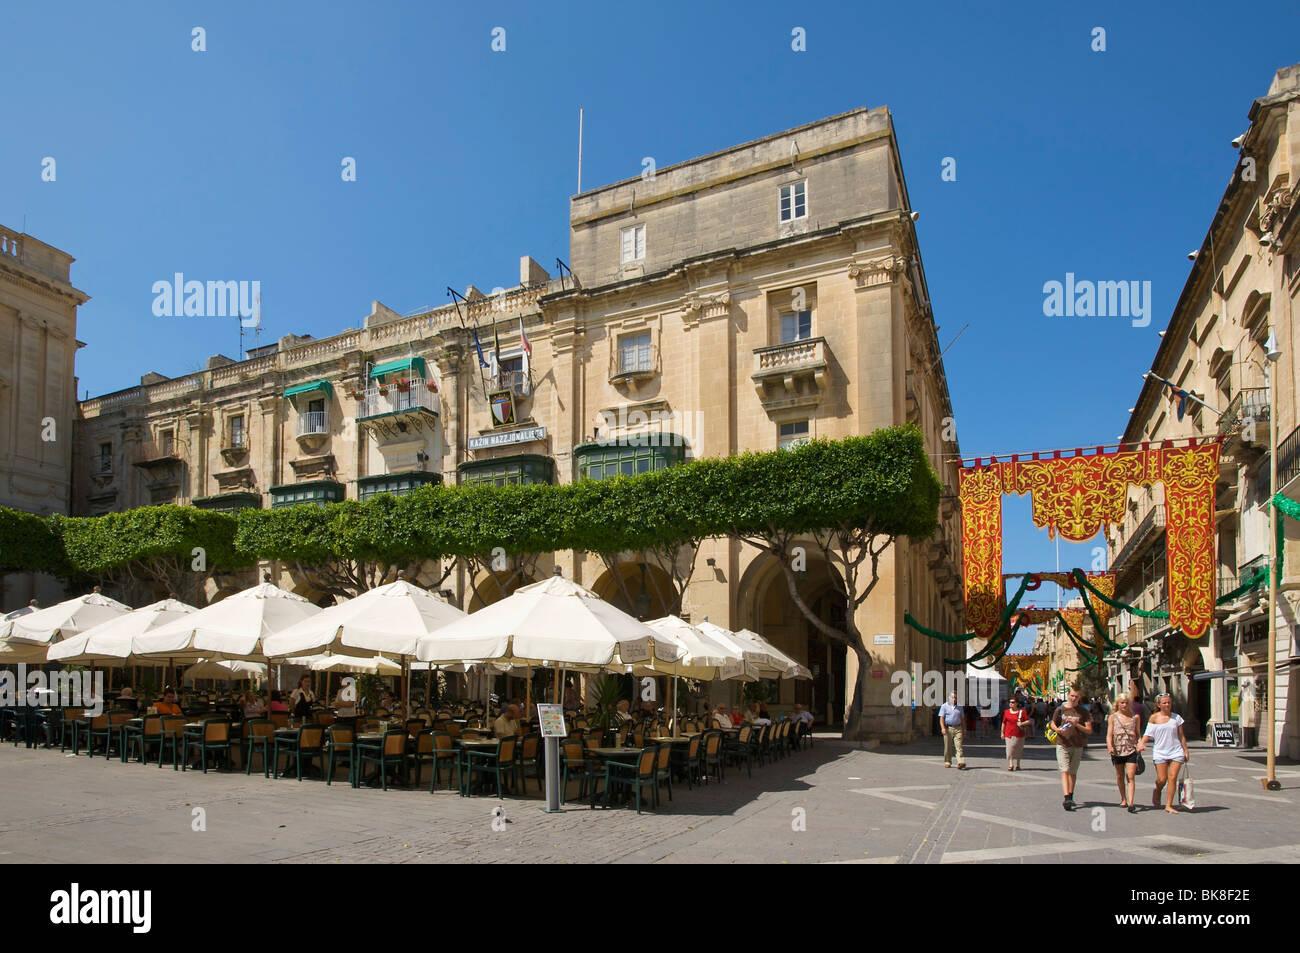 Street cafe in Valletta, Malta, Europe - Stock Image